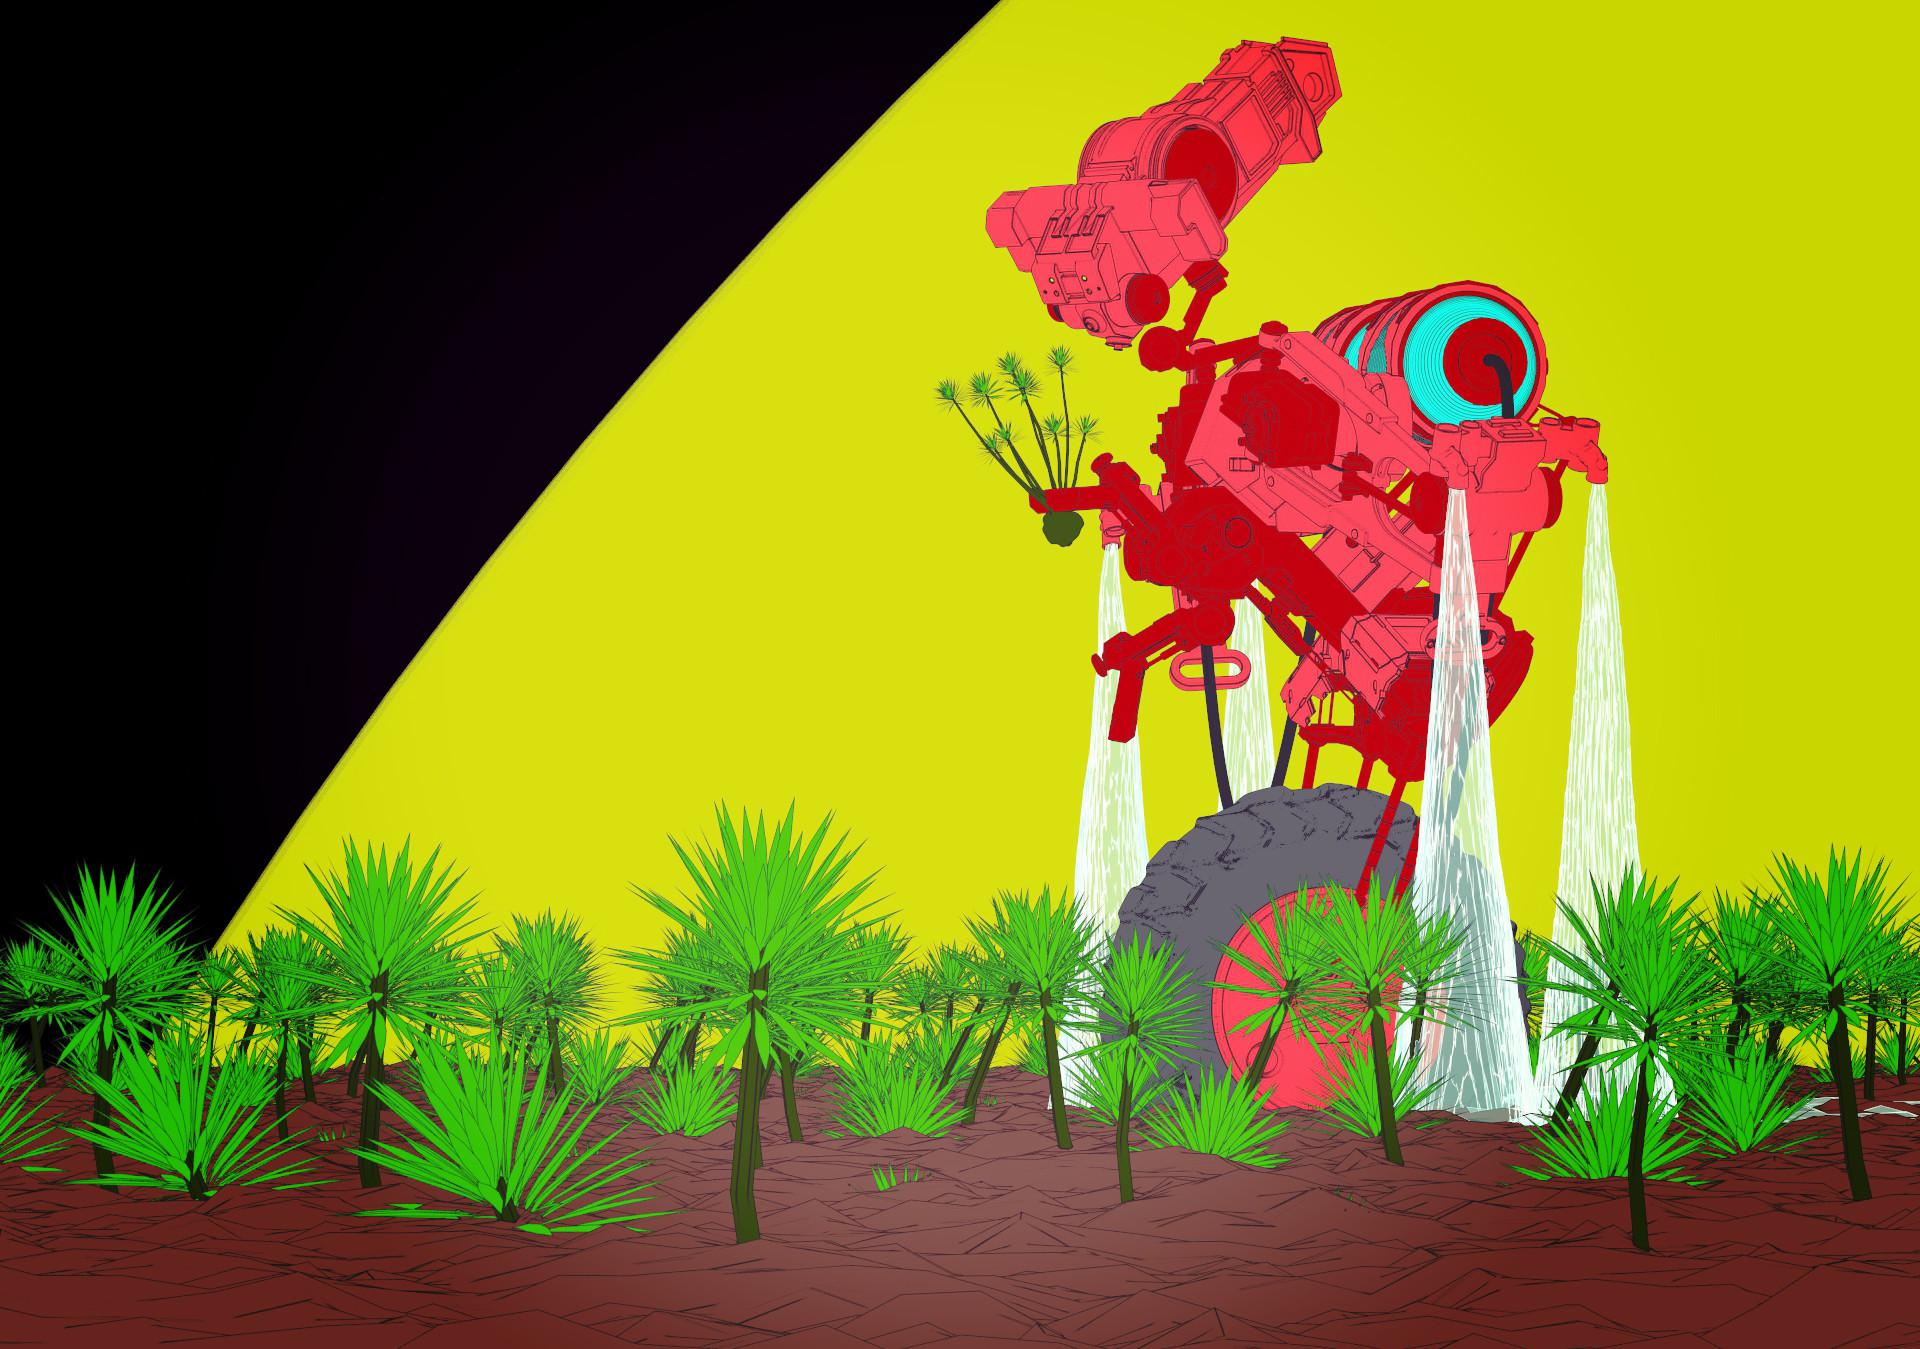 Ben nicholas farmerbot 04